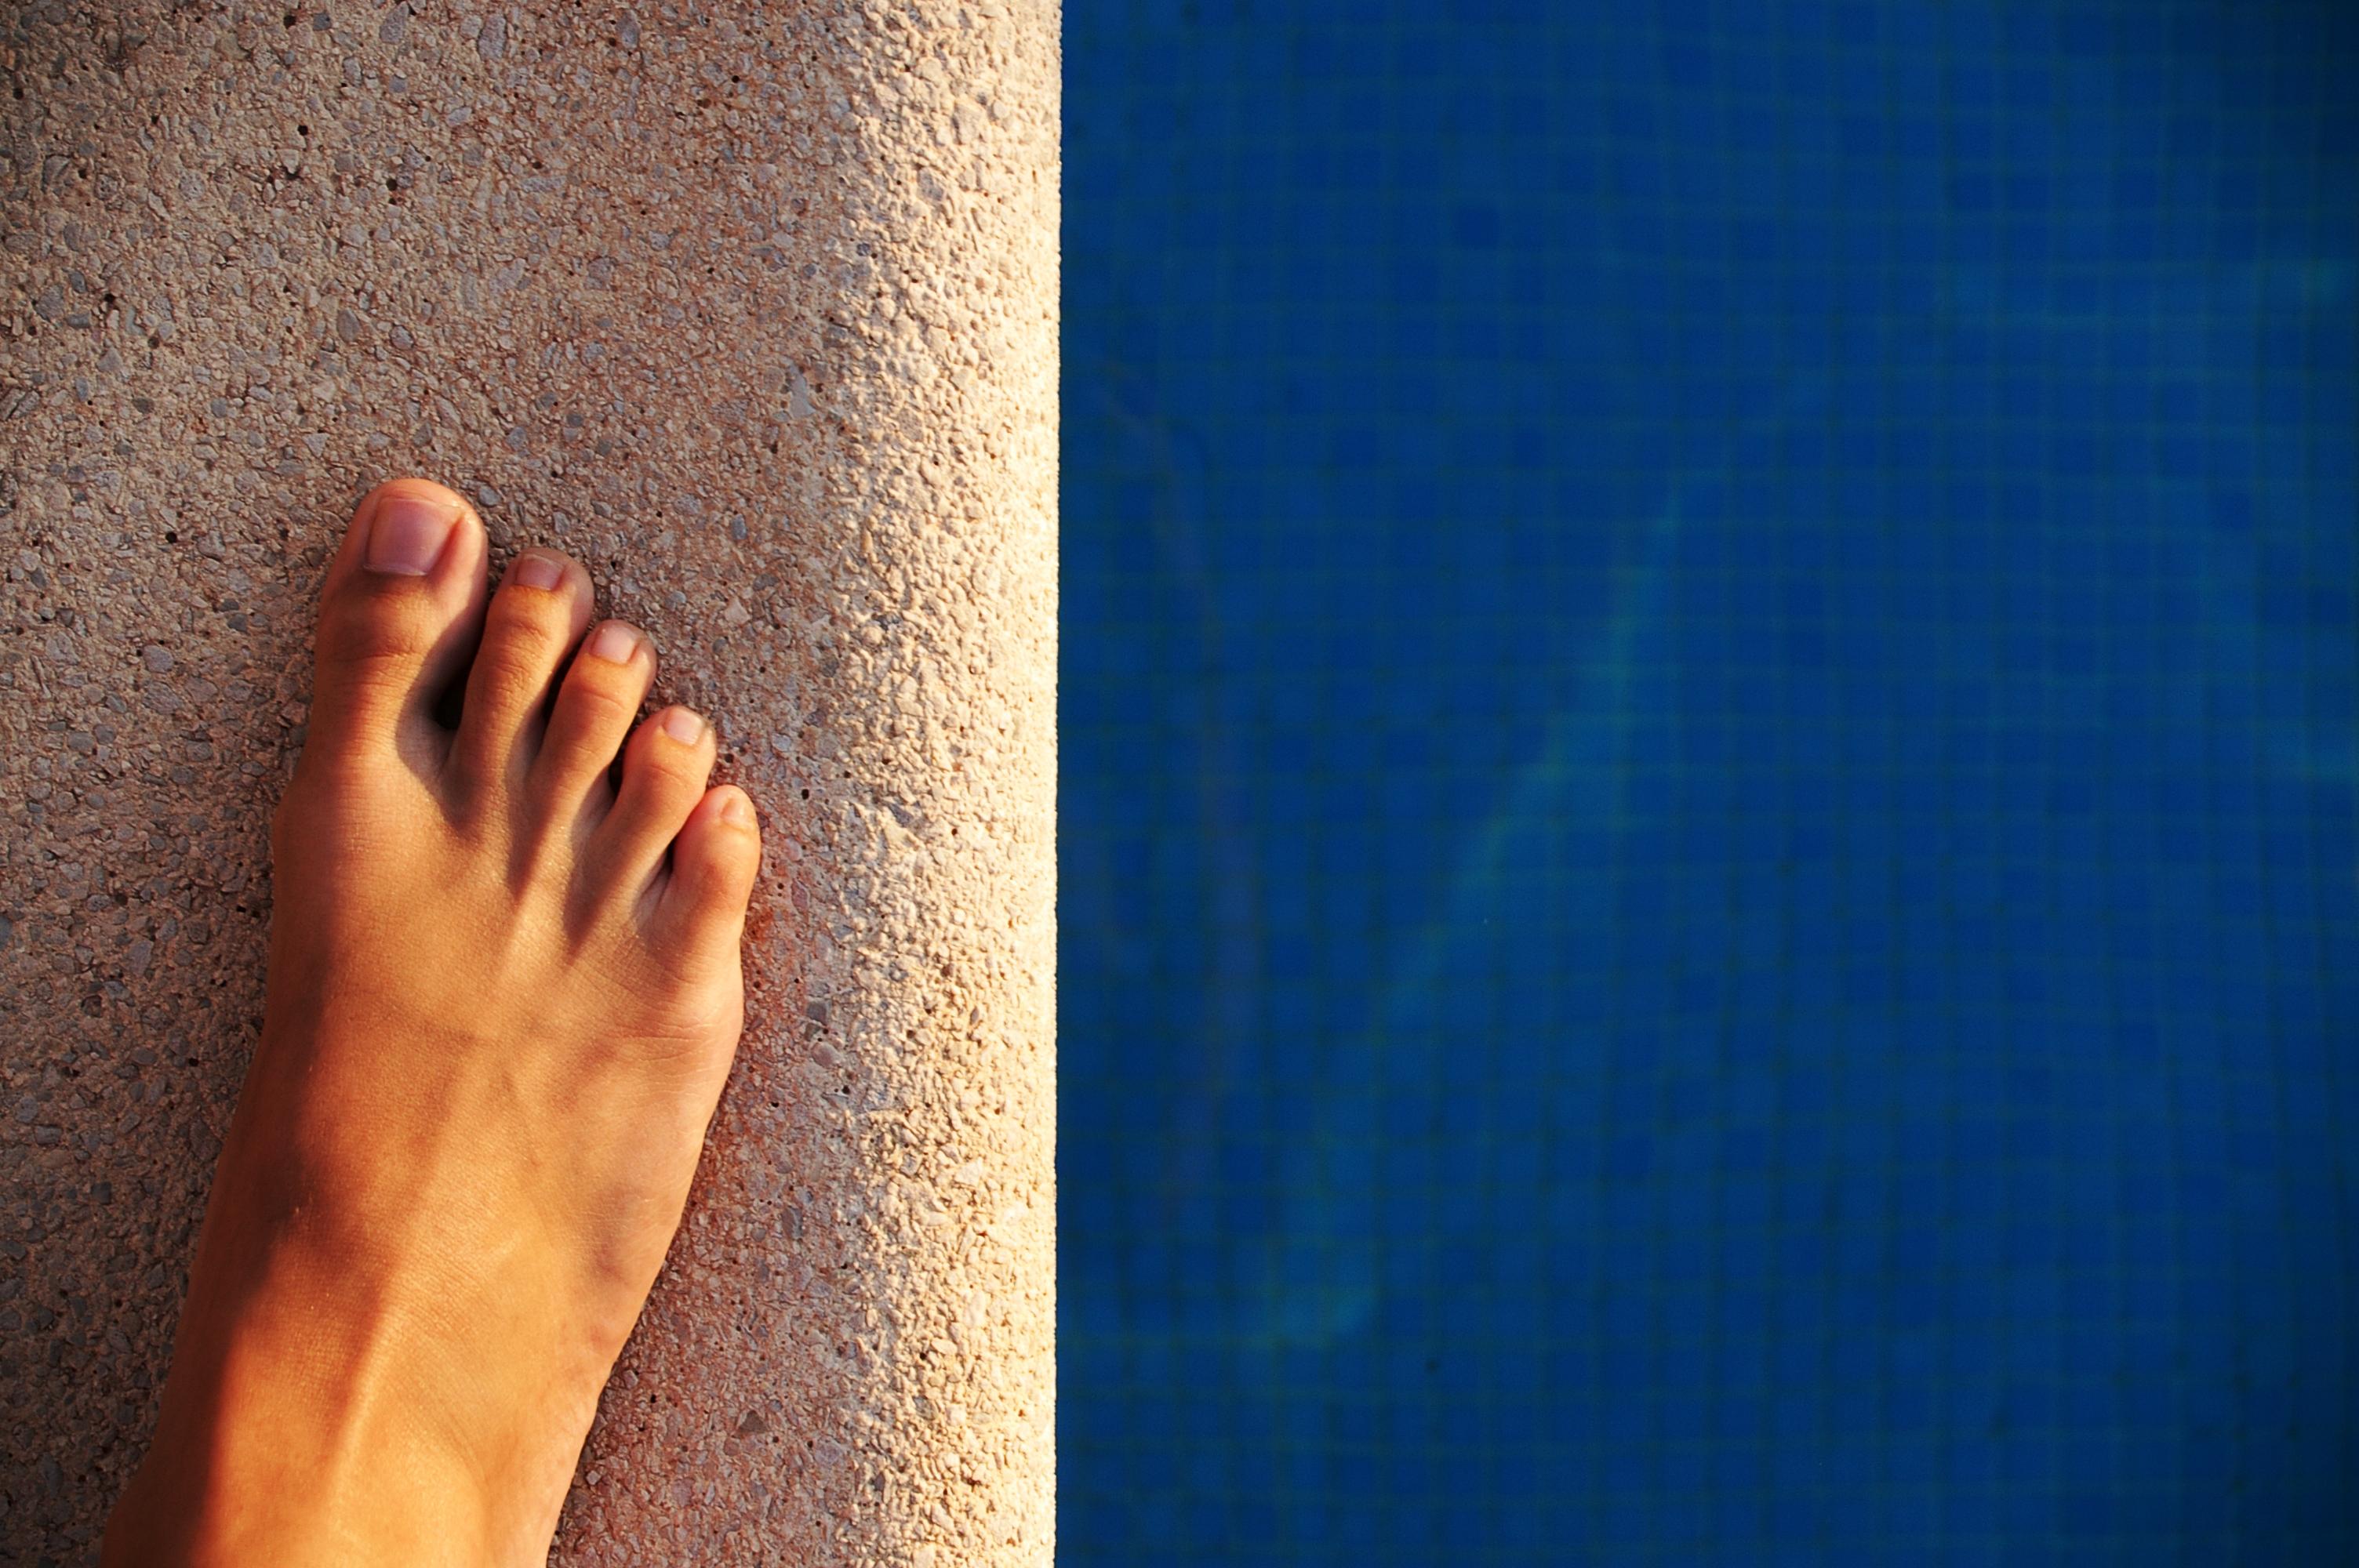 Imagen de un pie al sol